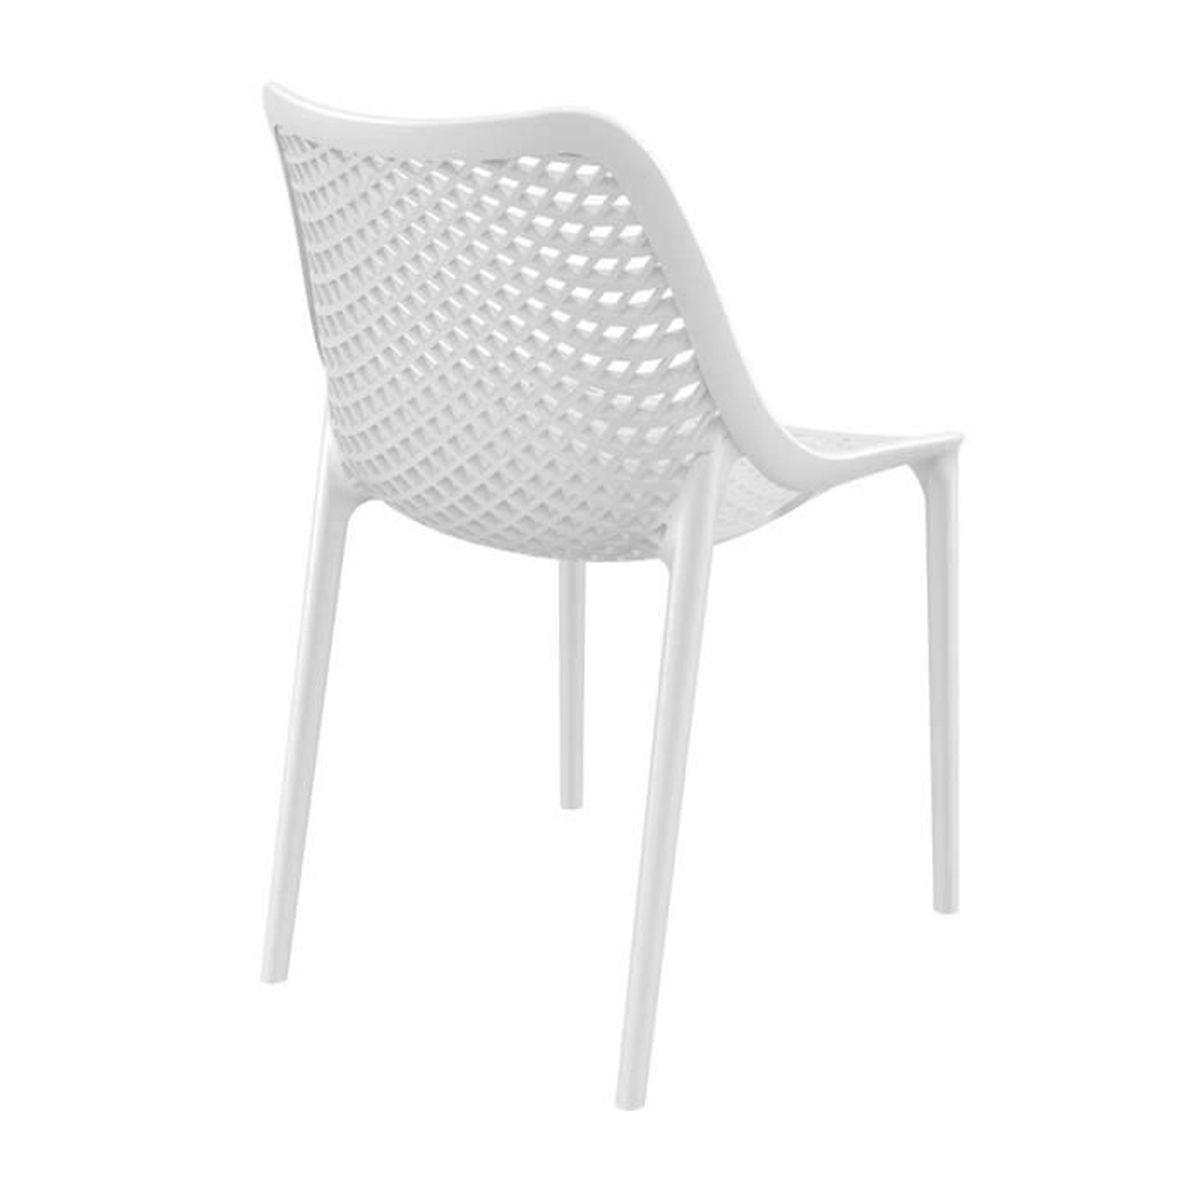 Chaise moderne en plastique blanc - 5 x 5 x 5 cm